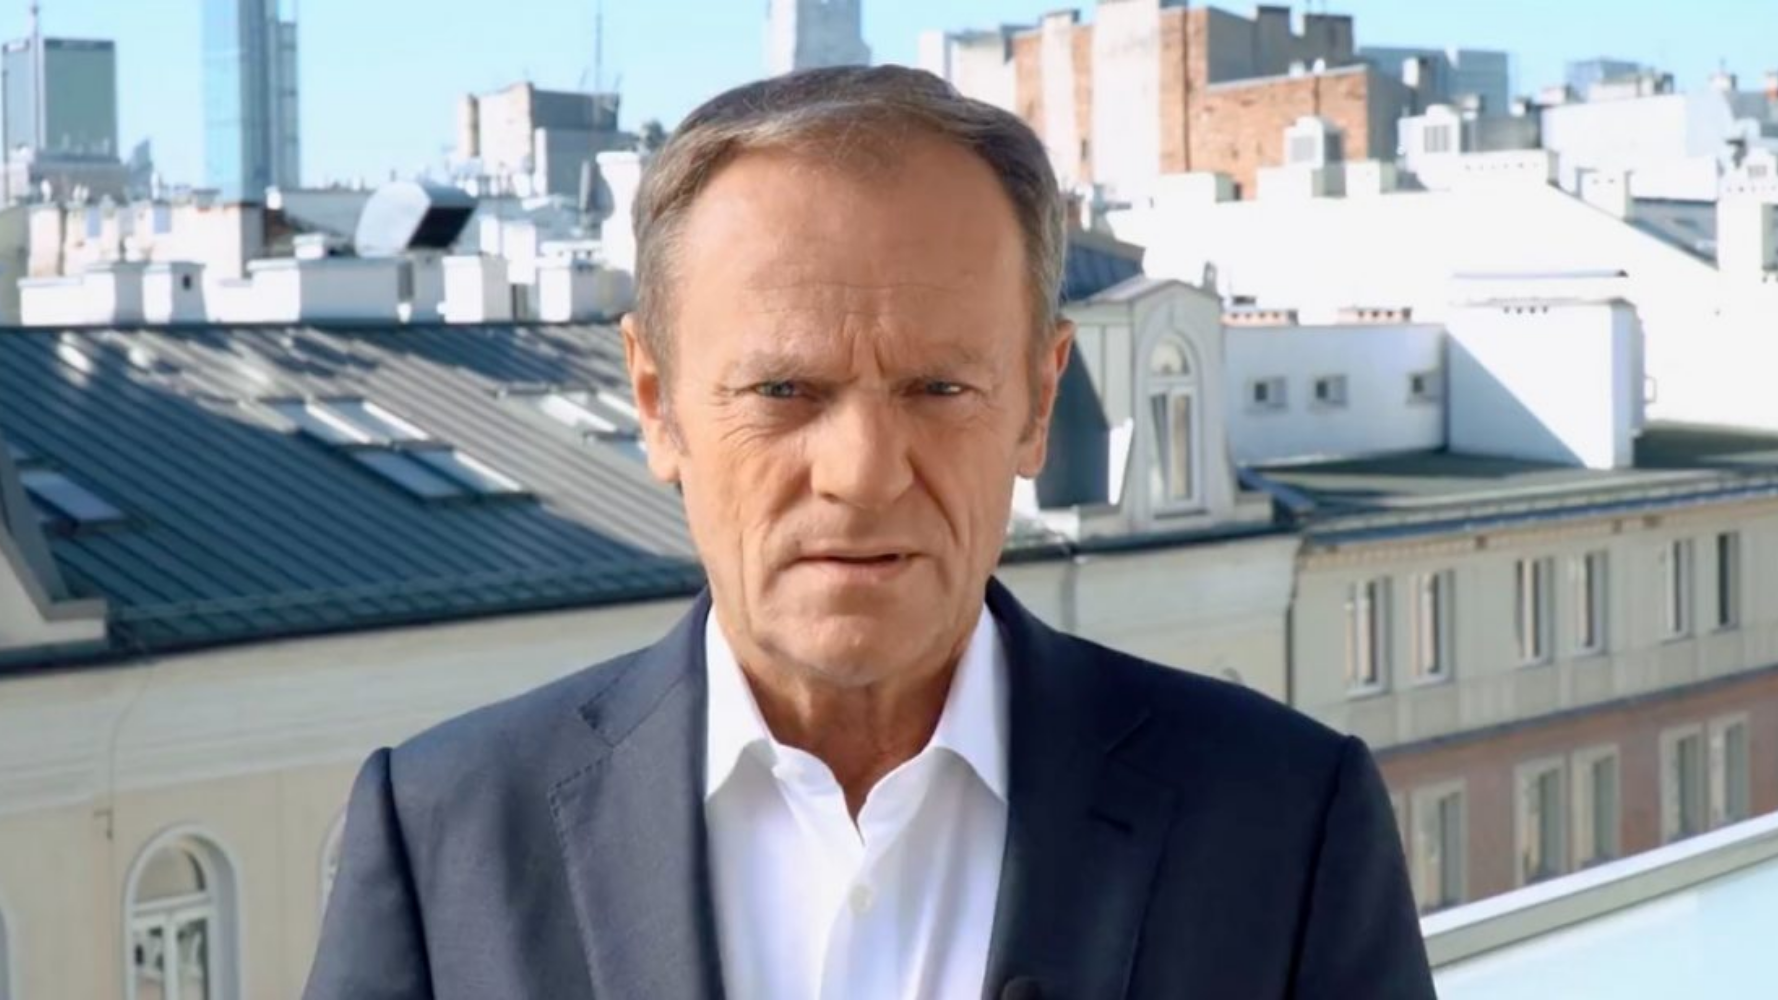 [WIDEO] Tusk wzywa Polaków do mobilizacji: Musimy ratować kraj